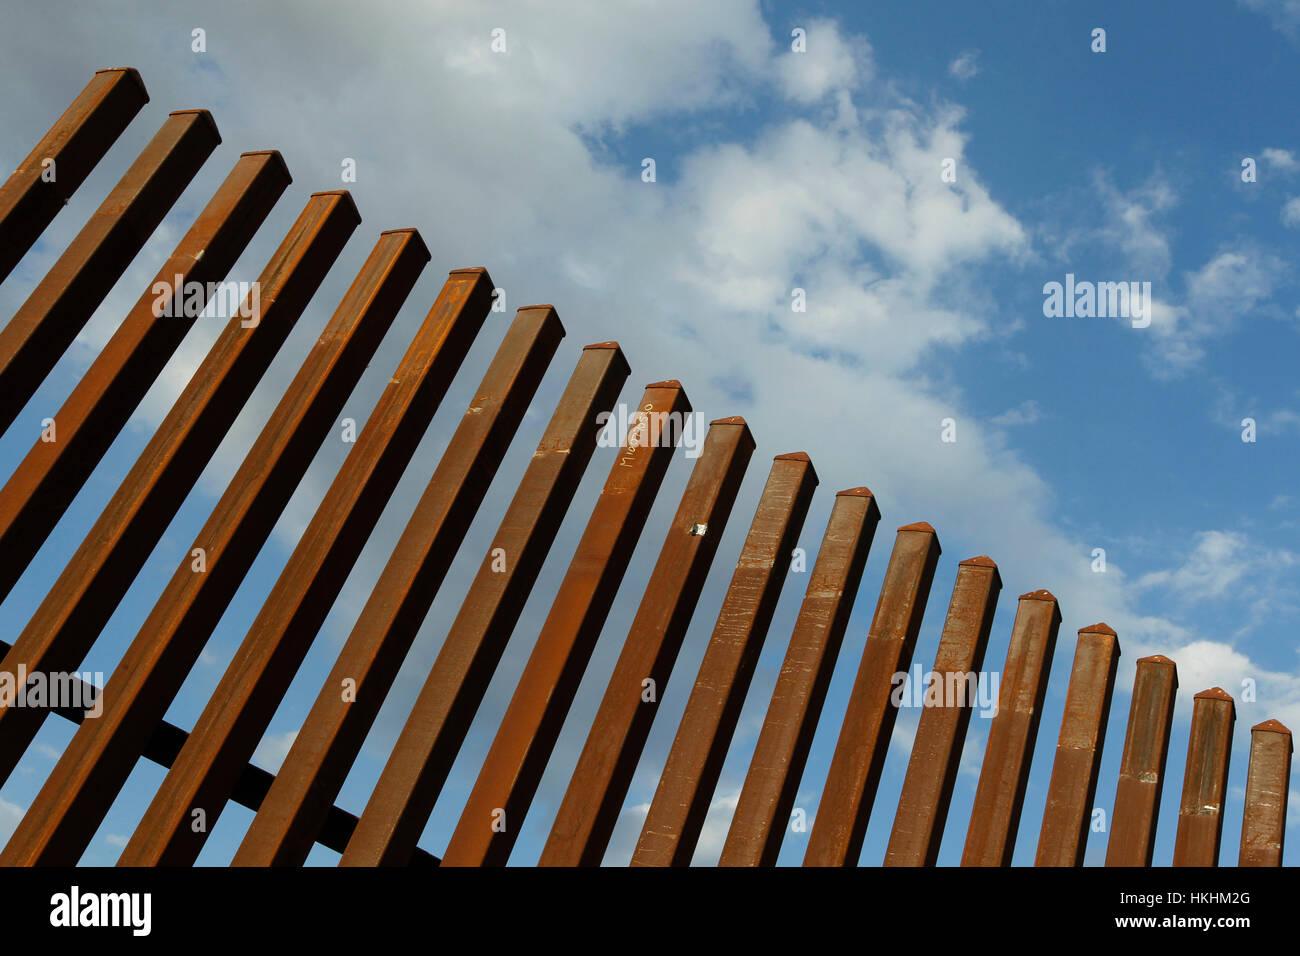 Border fence along the Texas-Mexico border near McAllen, Texas. Stock Photo